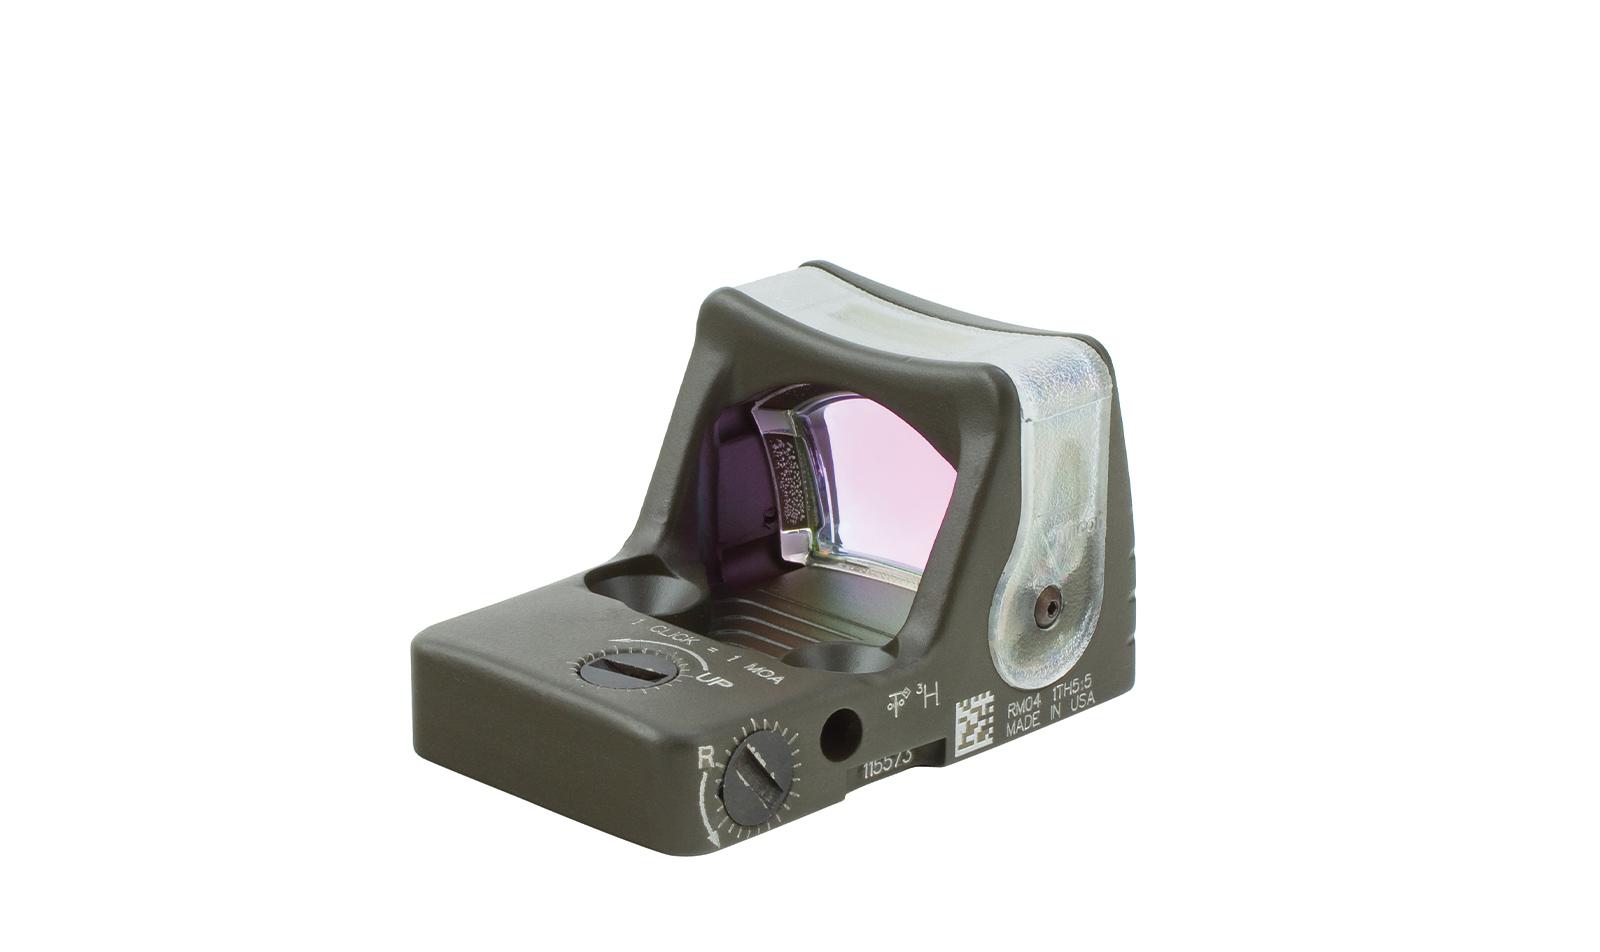 RM05-C-700209 angle 5